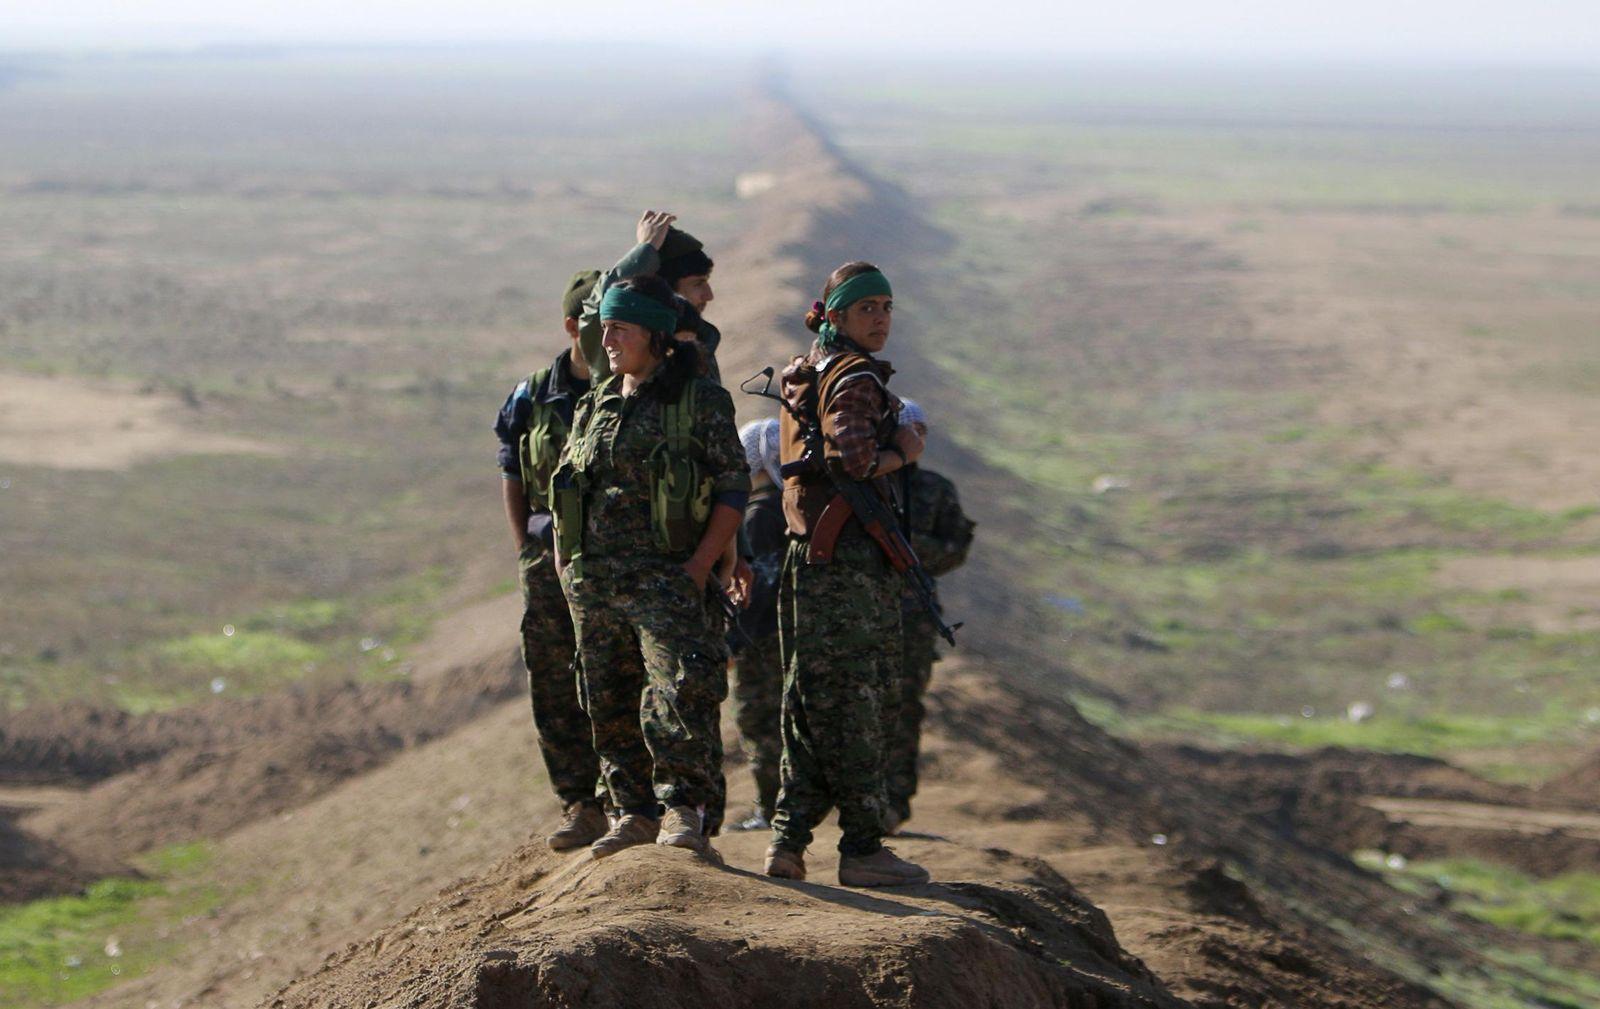 Foto: Milicianas de las YPG en la frontera entre Siria e Irak, cerca de la ciudad de Snoun, el 22 de diciembre de 2014 (Reuters).